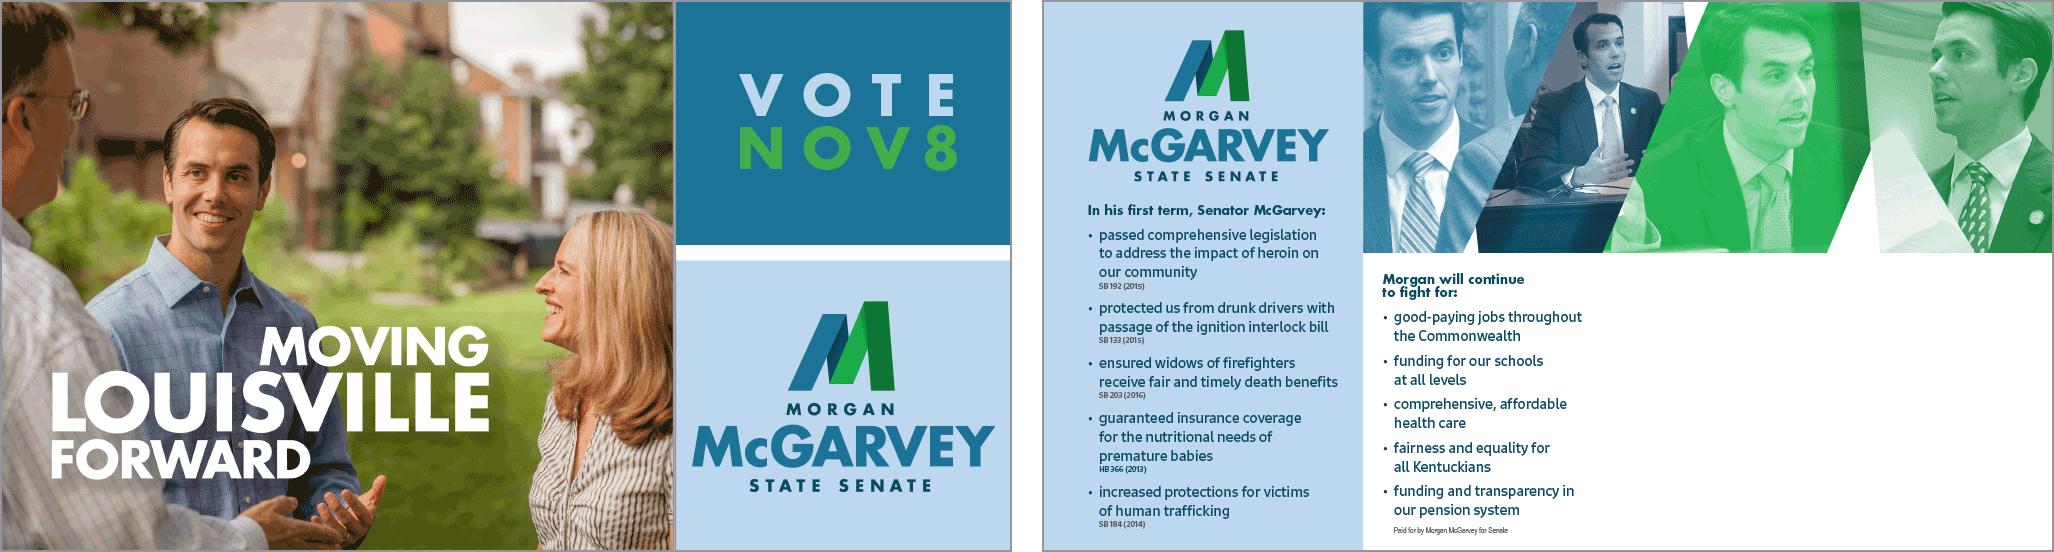 MaGarvey---mailer-1-v3-Final-1.png